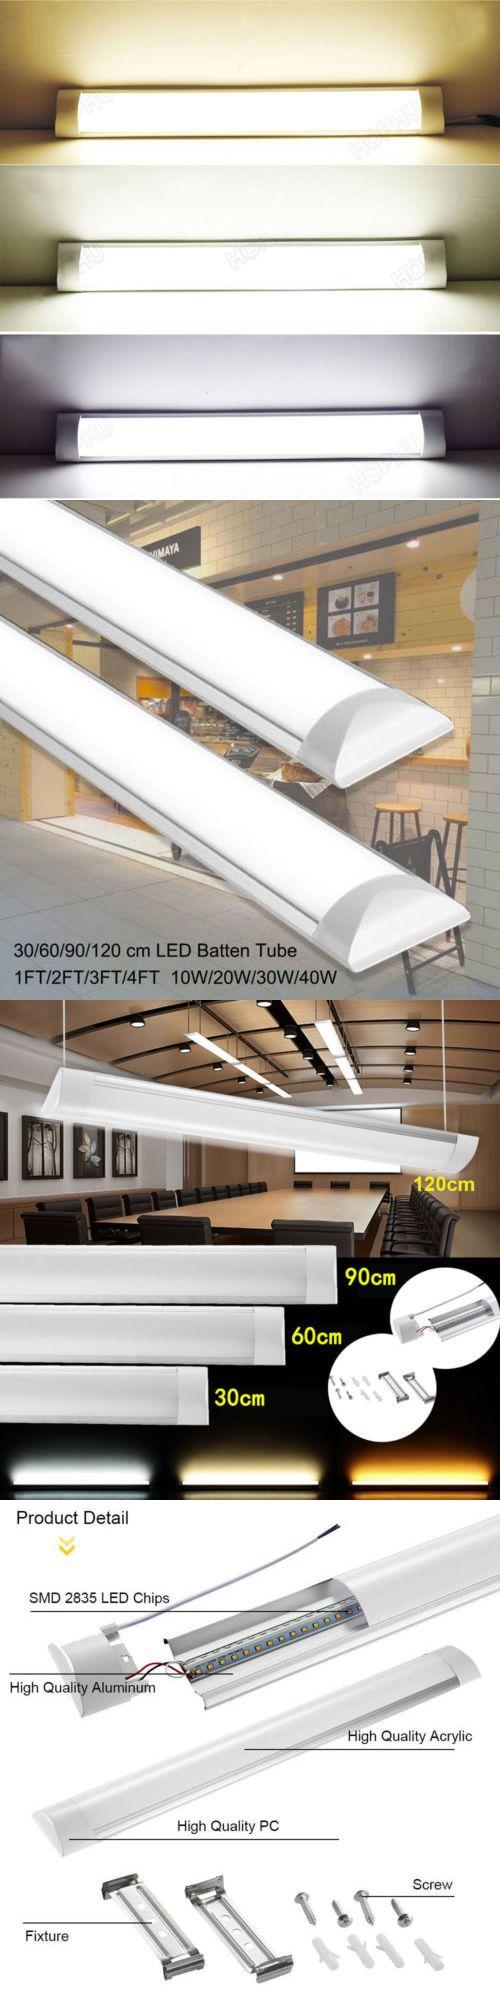 Other Lighting and Ceiling Fans 3201: Led Batten Tube Linear Light